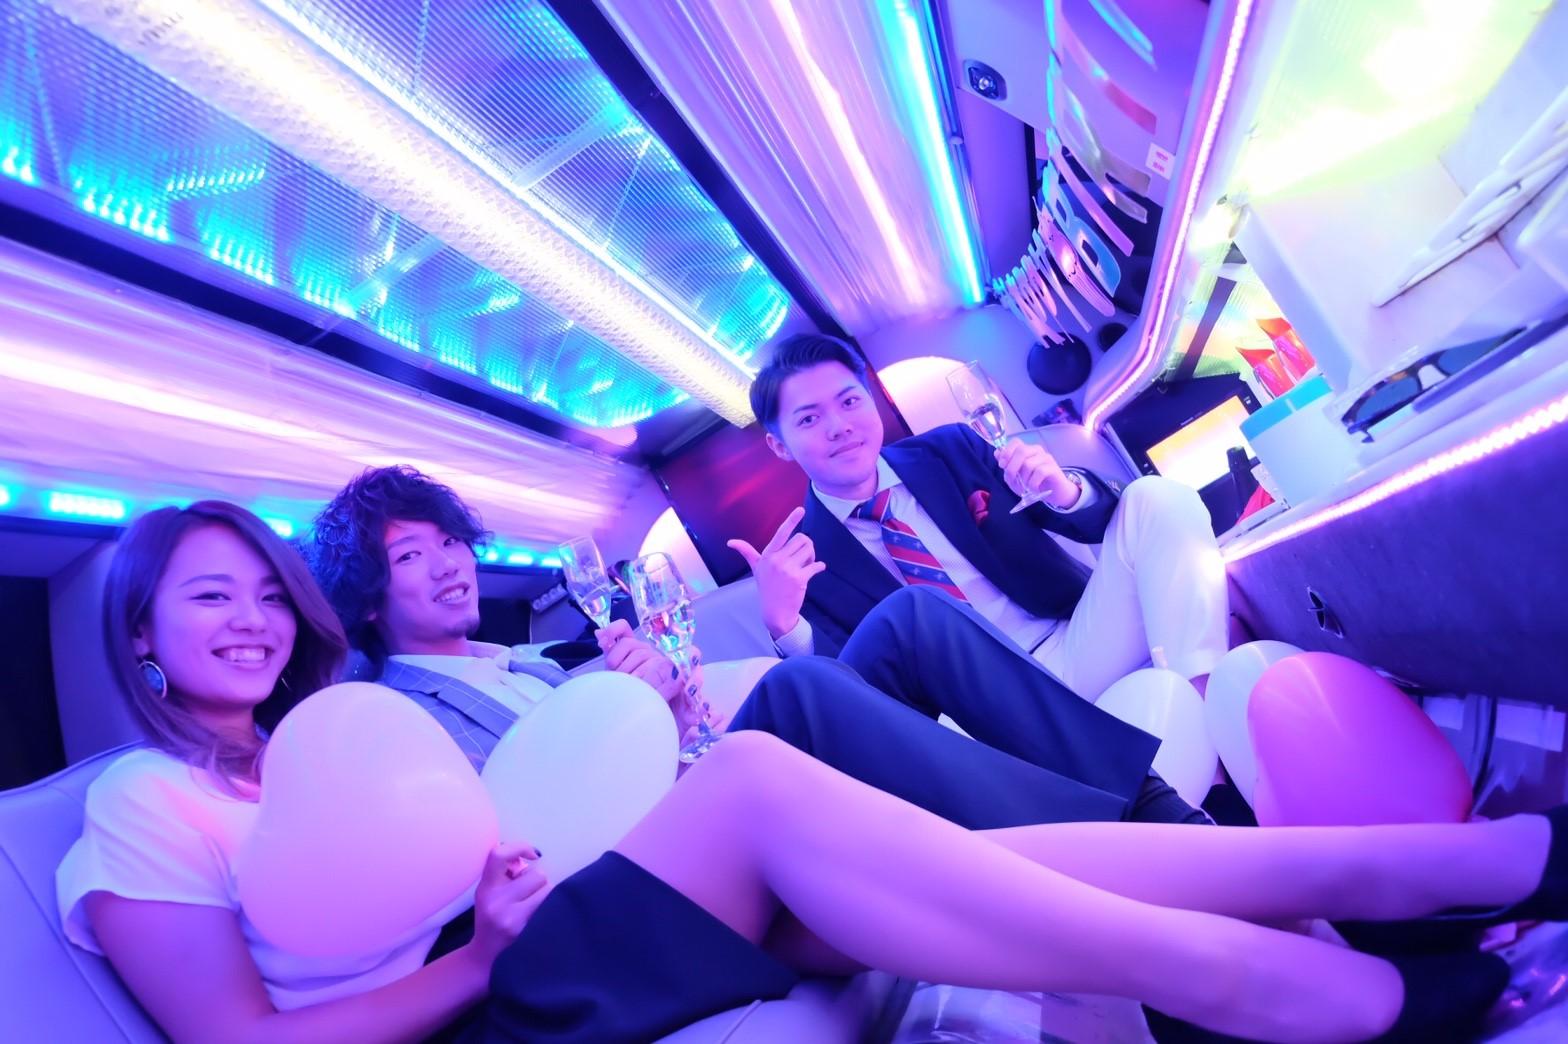 リムジンでパーティーが楽しめるリムジンパーティー東京 (13)